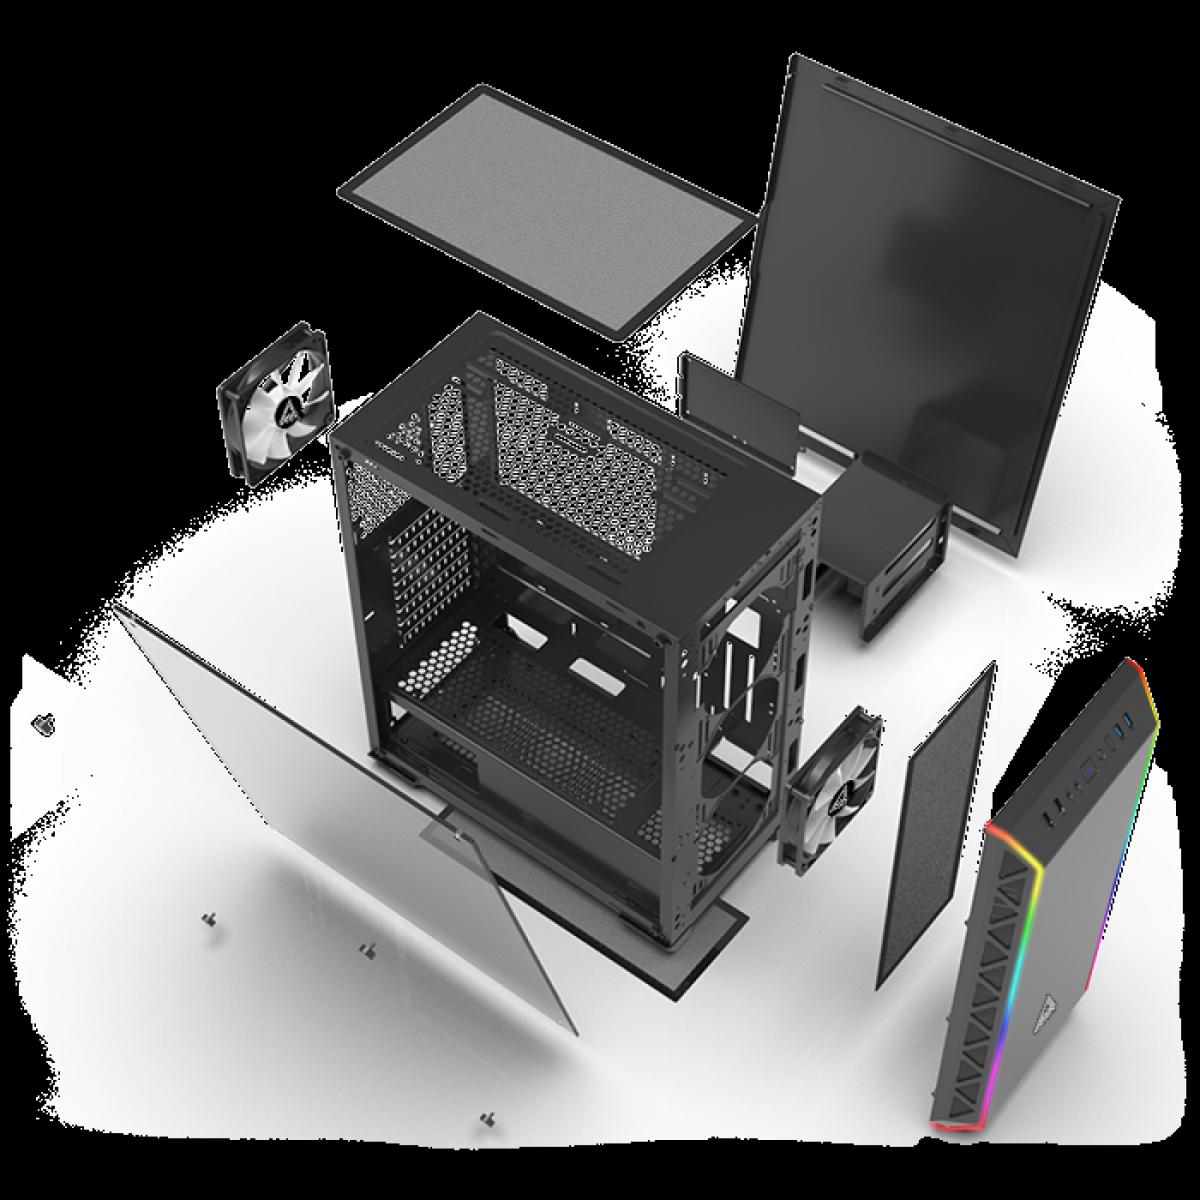 Gabinete Gamer Montech AIR 900 ARGB, Mid Tower, Vidro Temperado, Black, E-ATX, Sem Fonte, Com 2 Fans